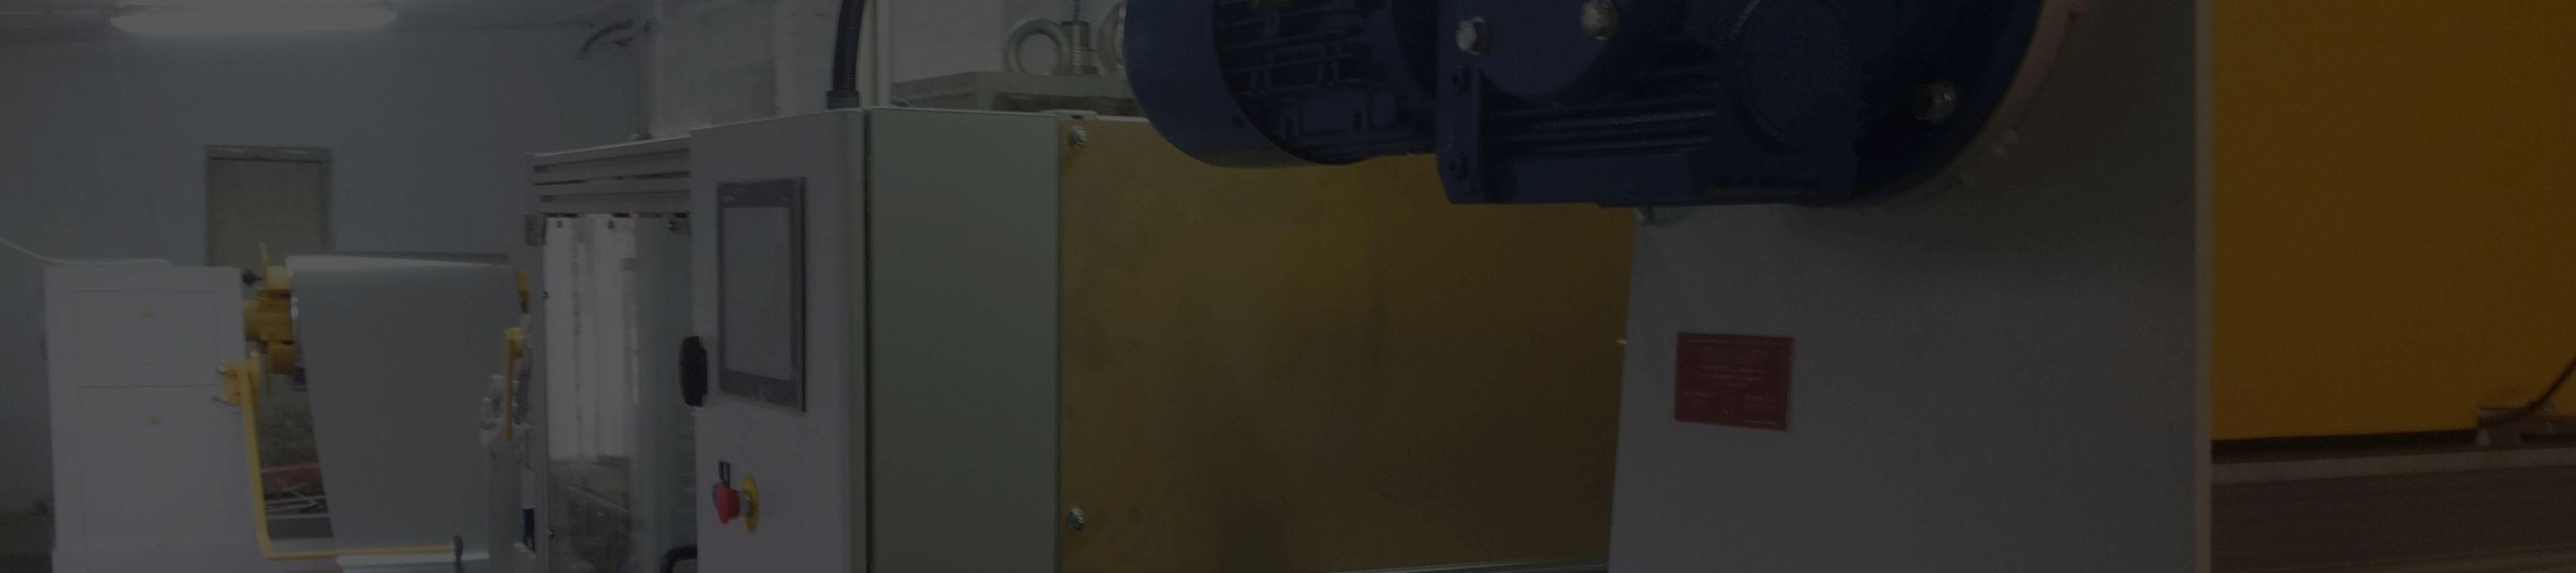 projektowanie i budowa stanowisk montażowych i testowych dla przemysłu